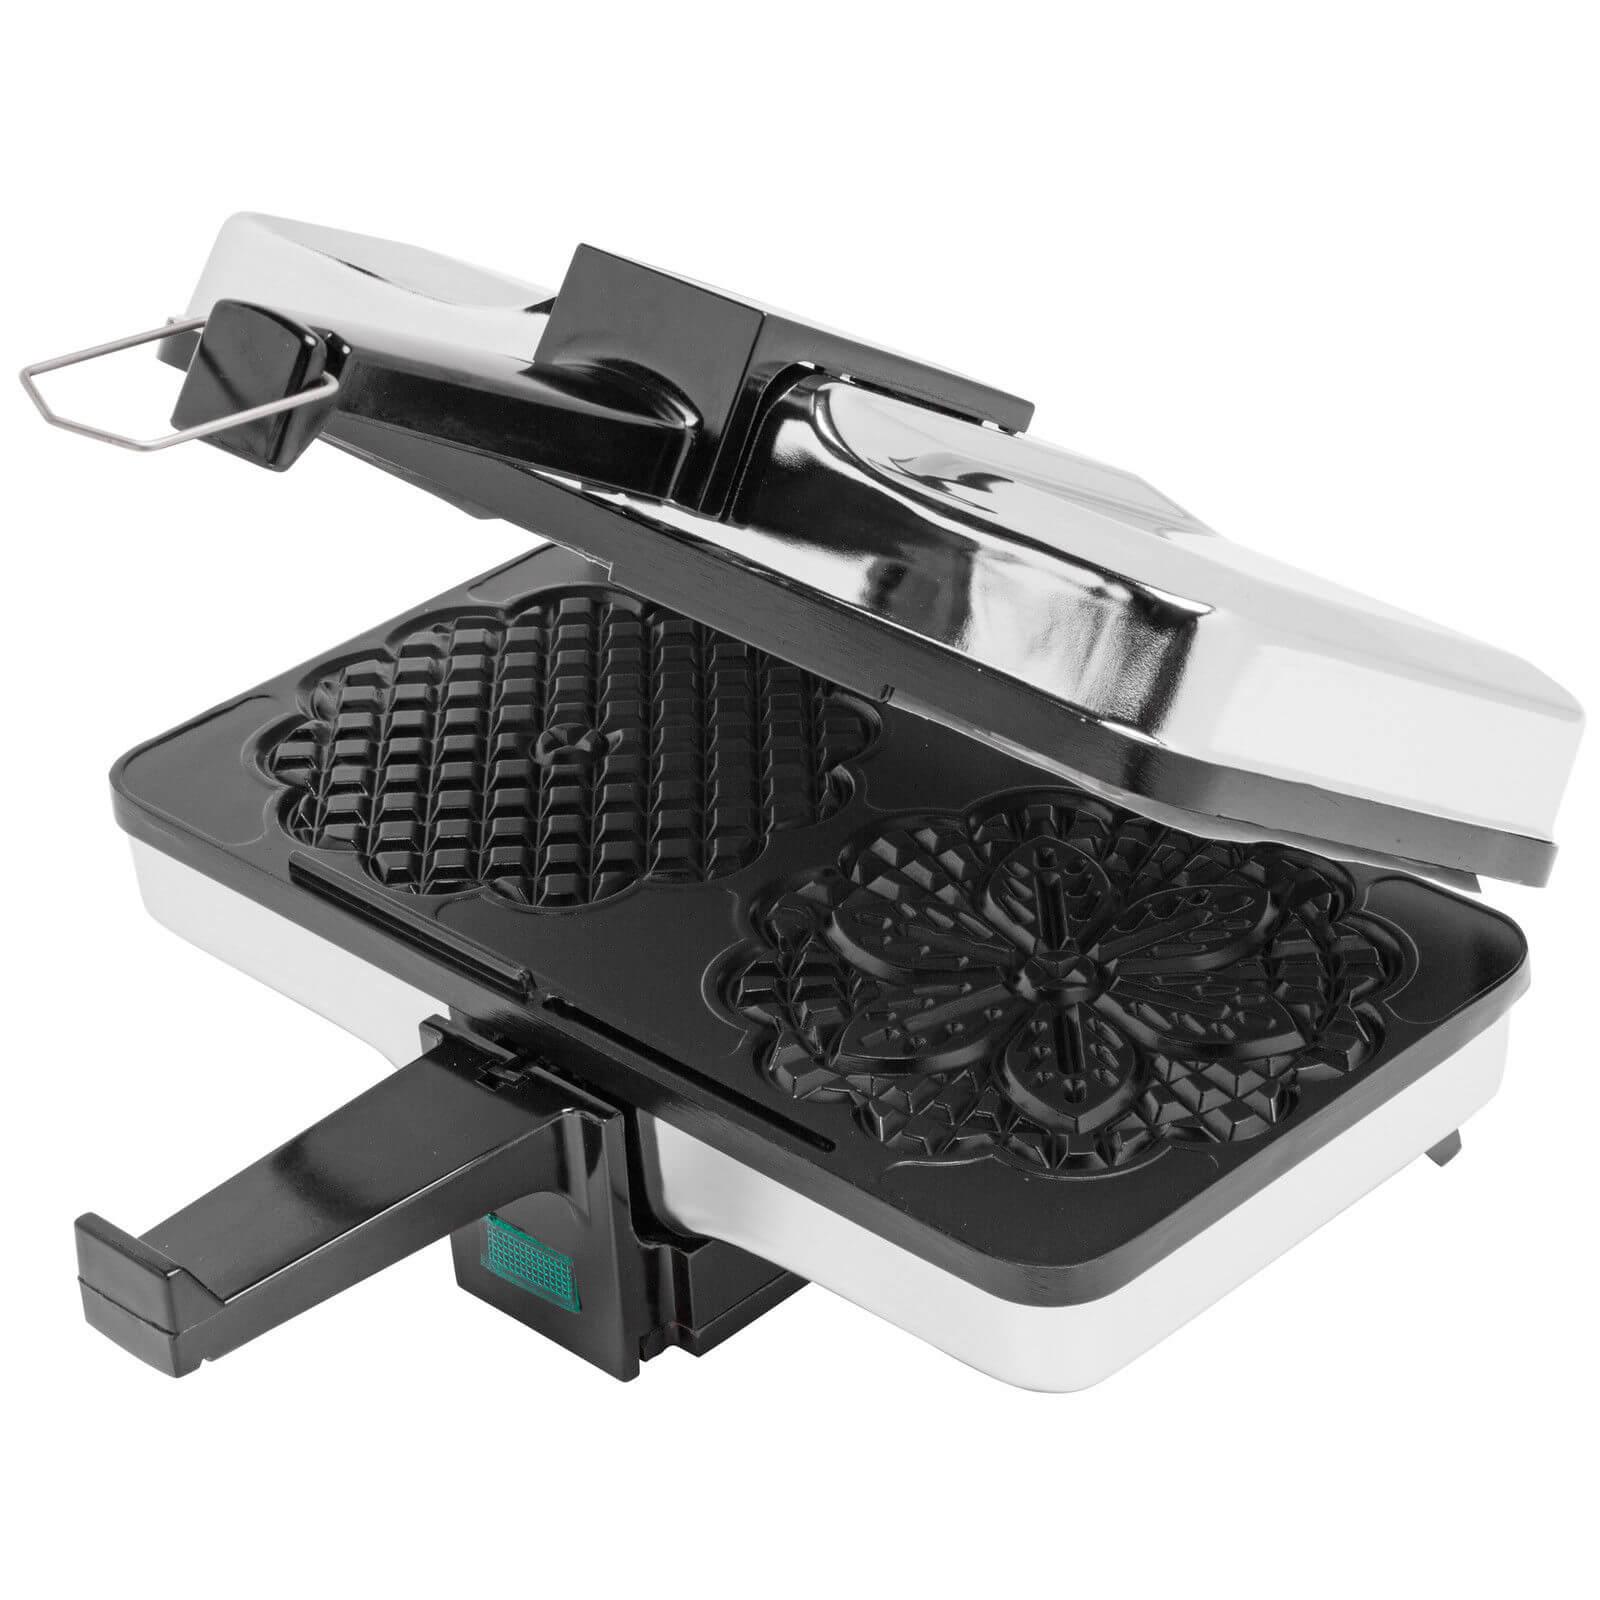 CucinaPro Non-Stick Pizzelle Maker 220-05NS